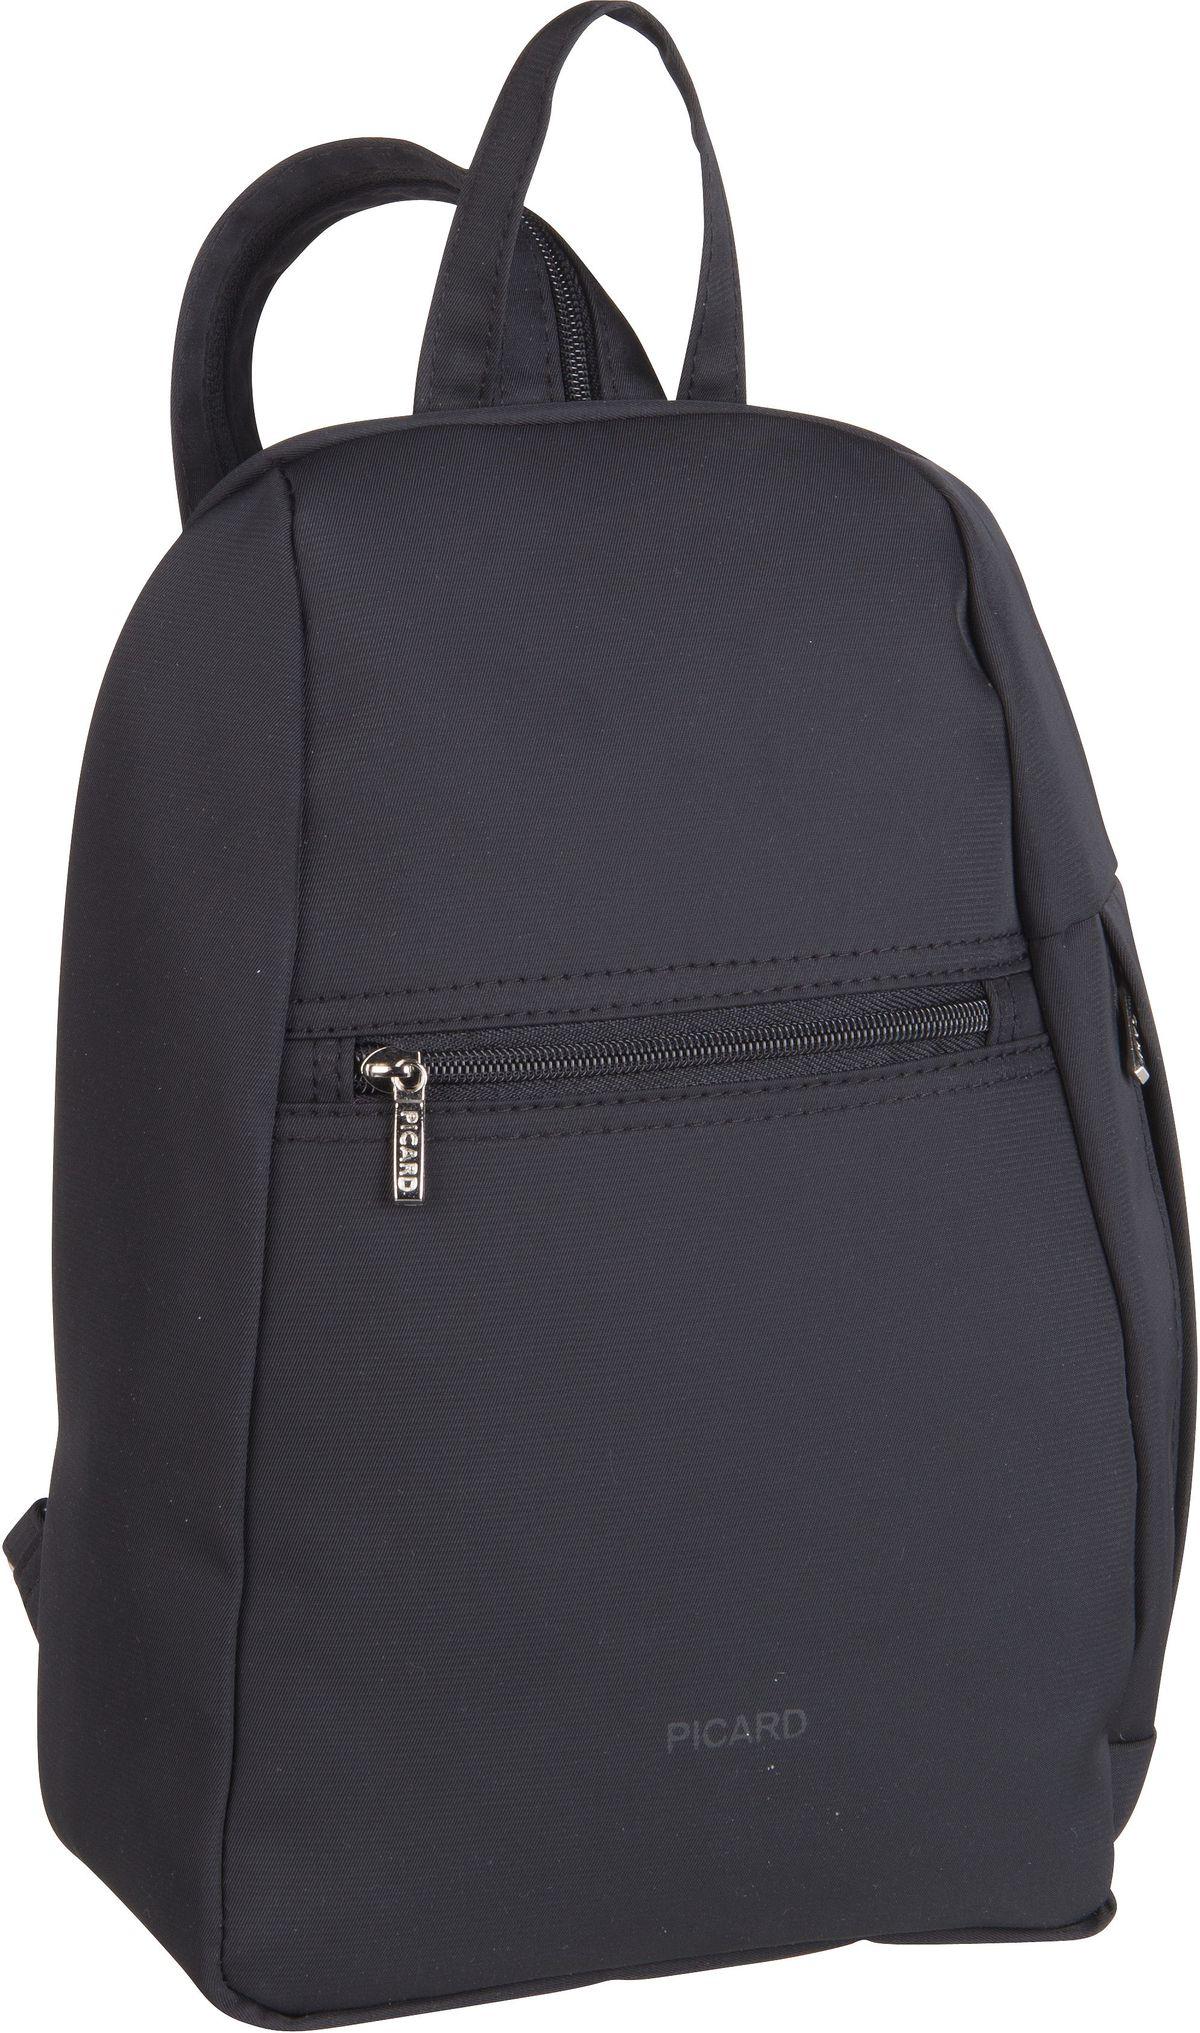 Rucksack / Daypack Tiptop 2708 Schwarz